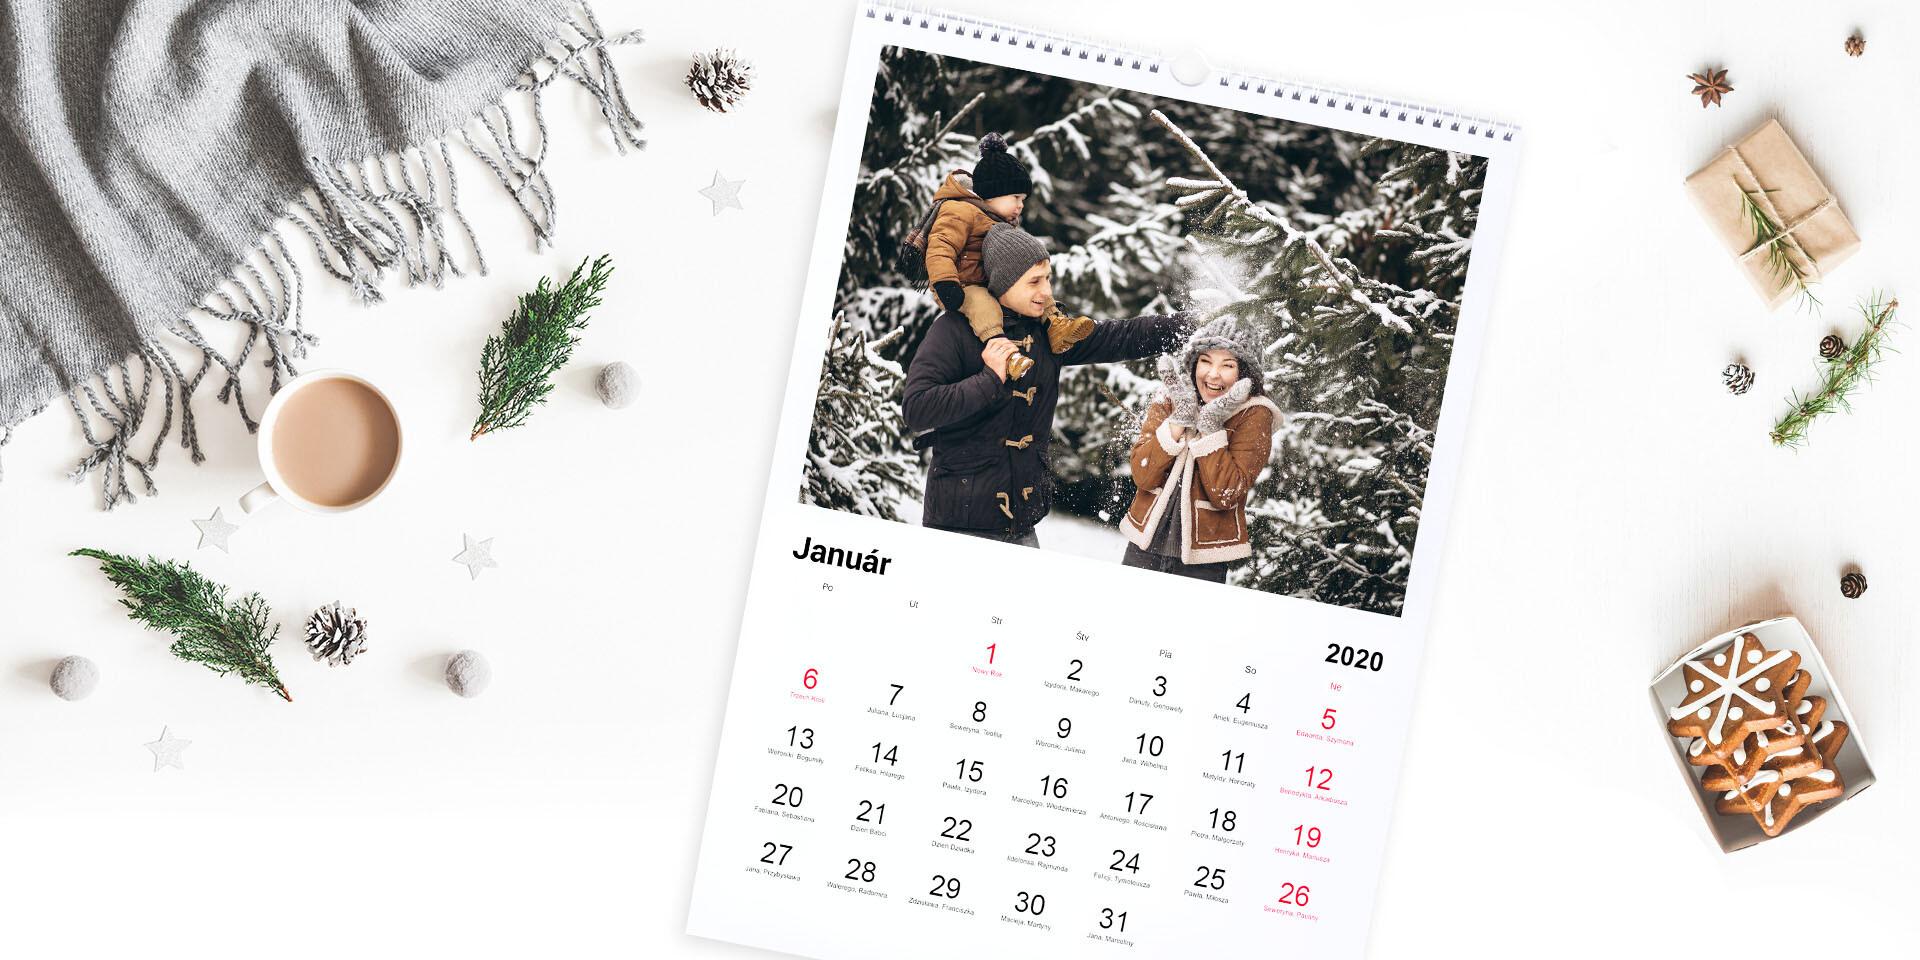 Fotokalendár s vašimi najkrajšími spomienkami